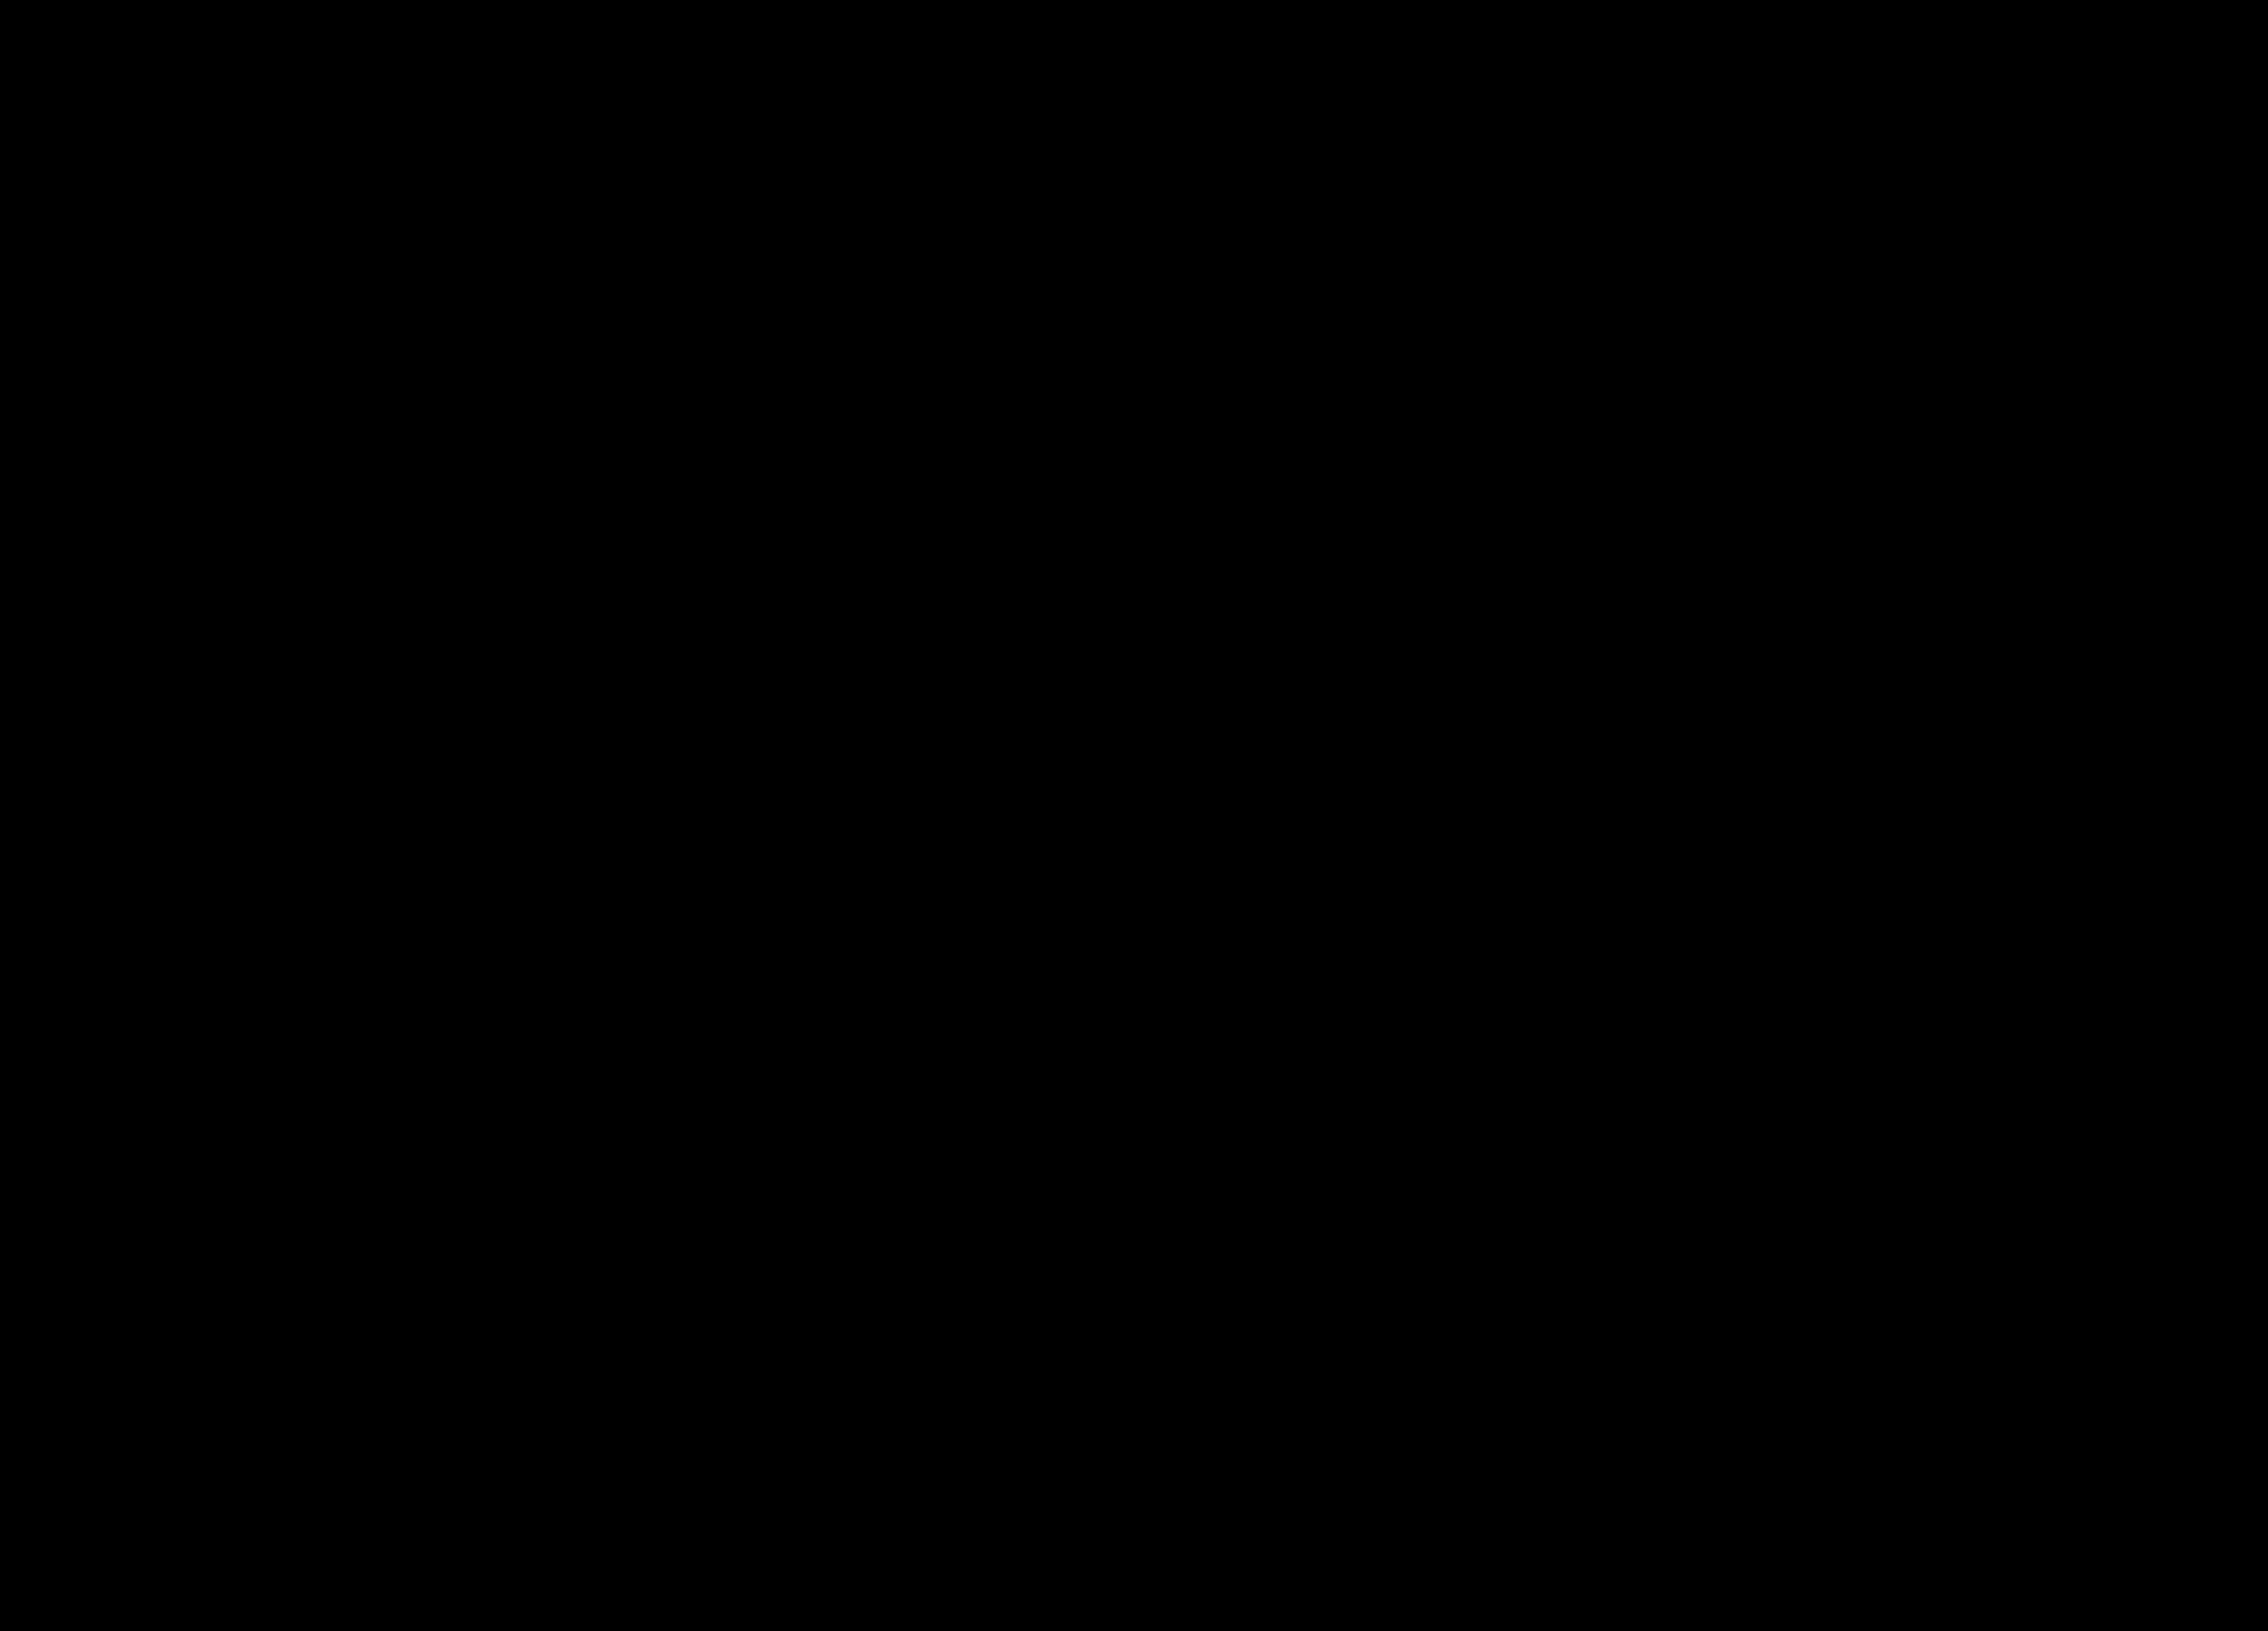 Transparent - Black Logo .png